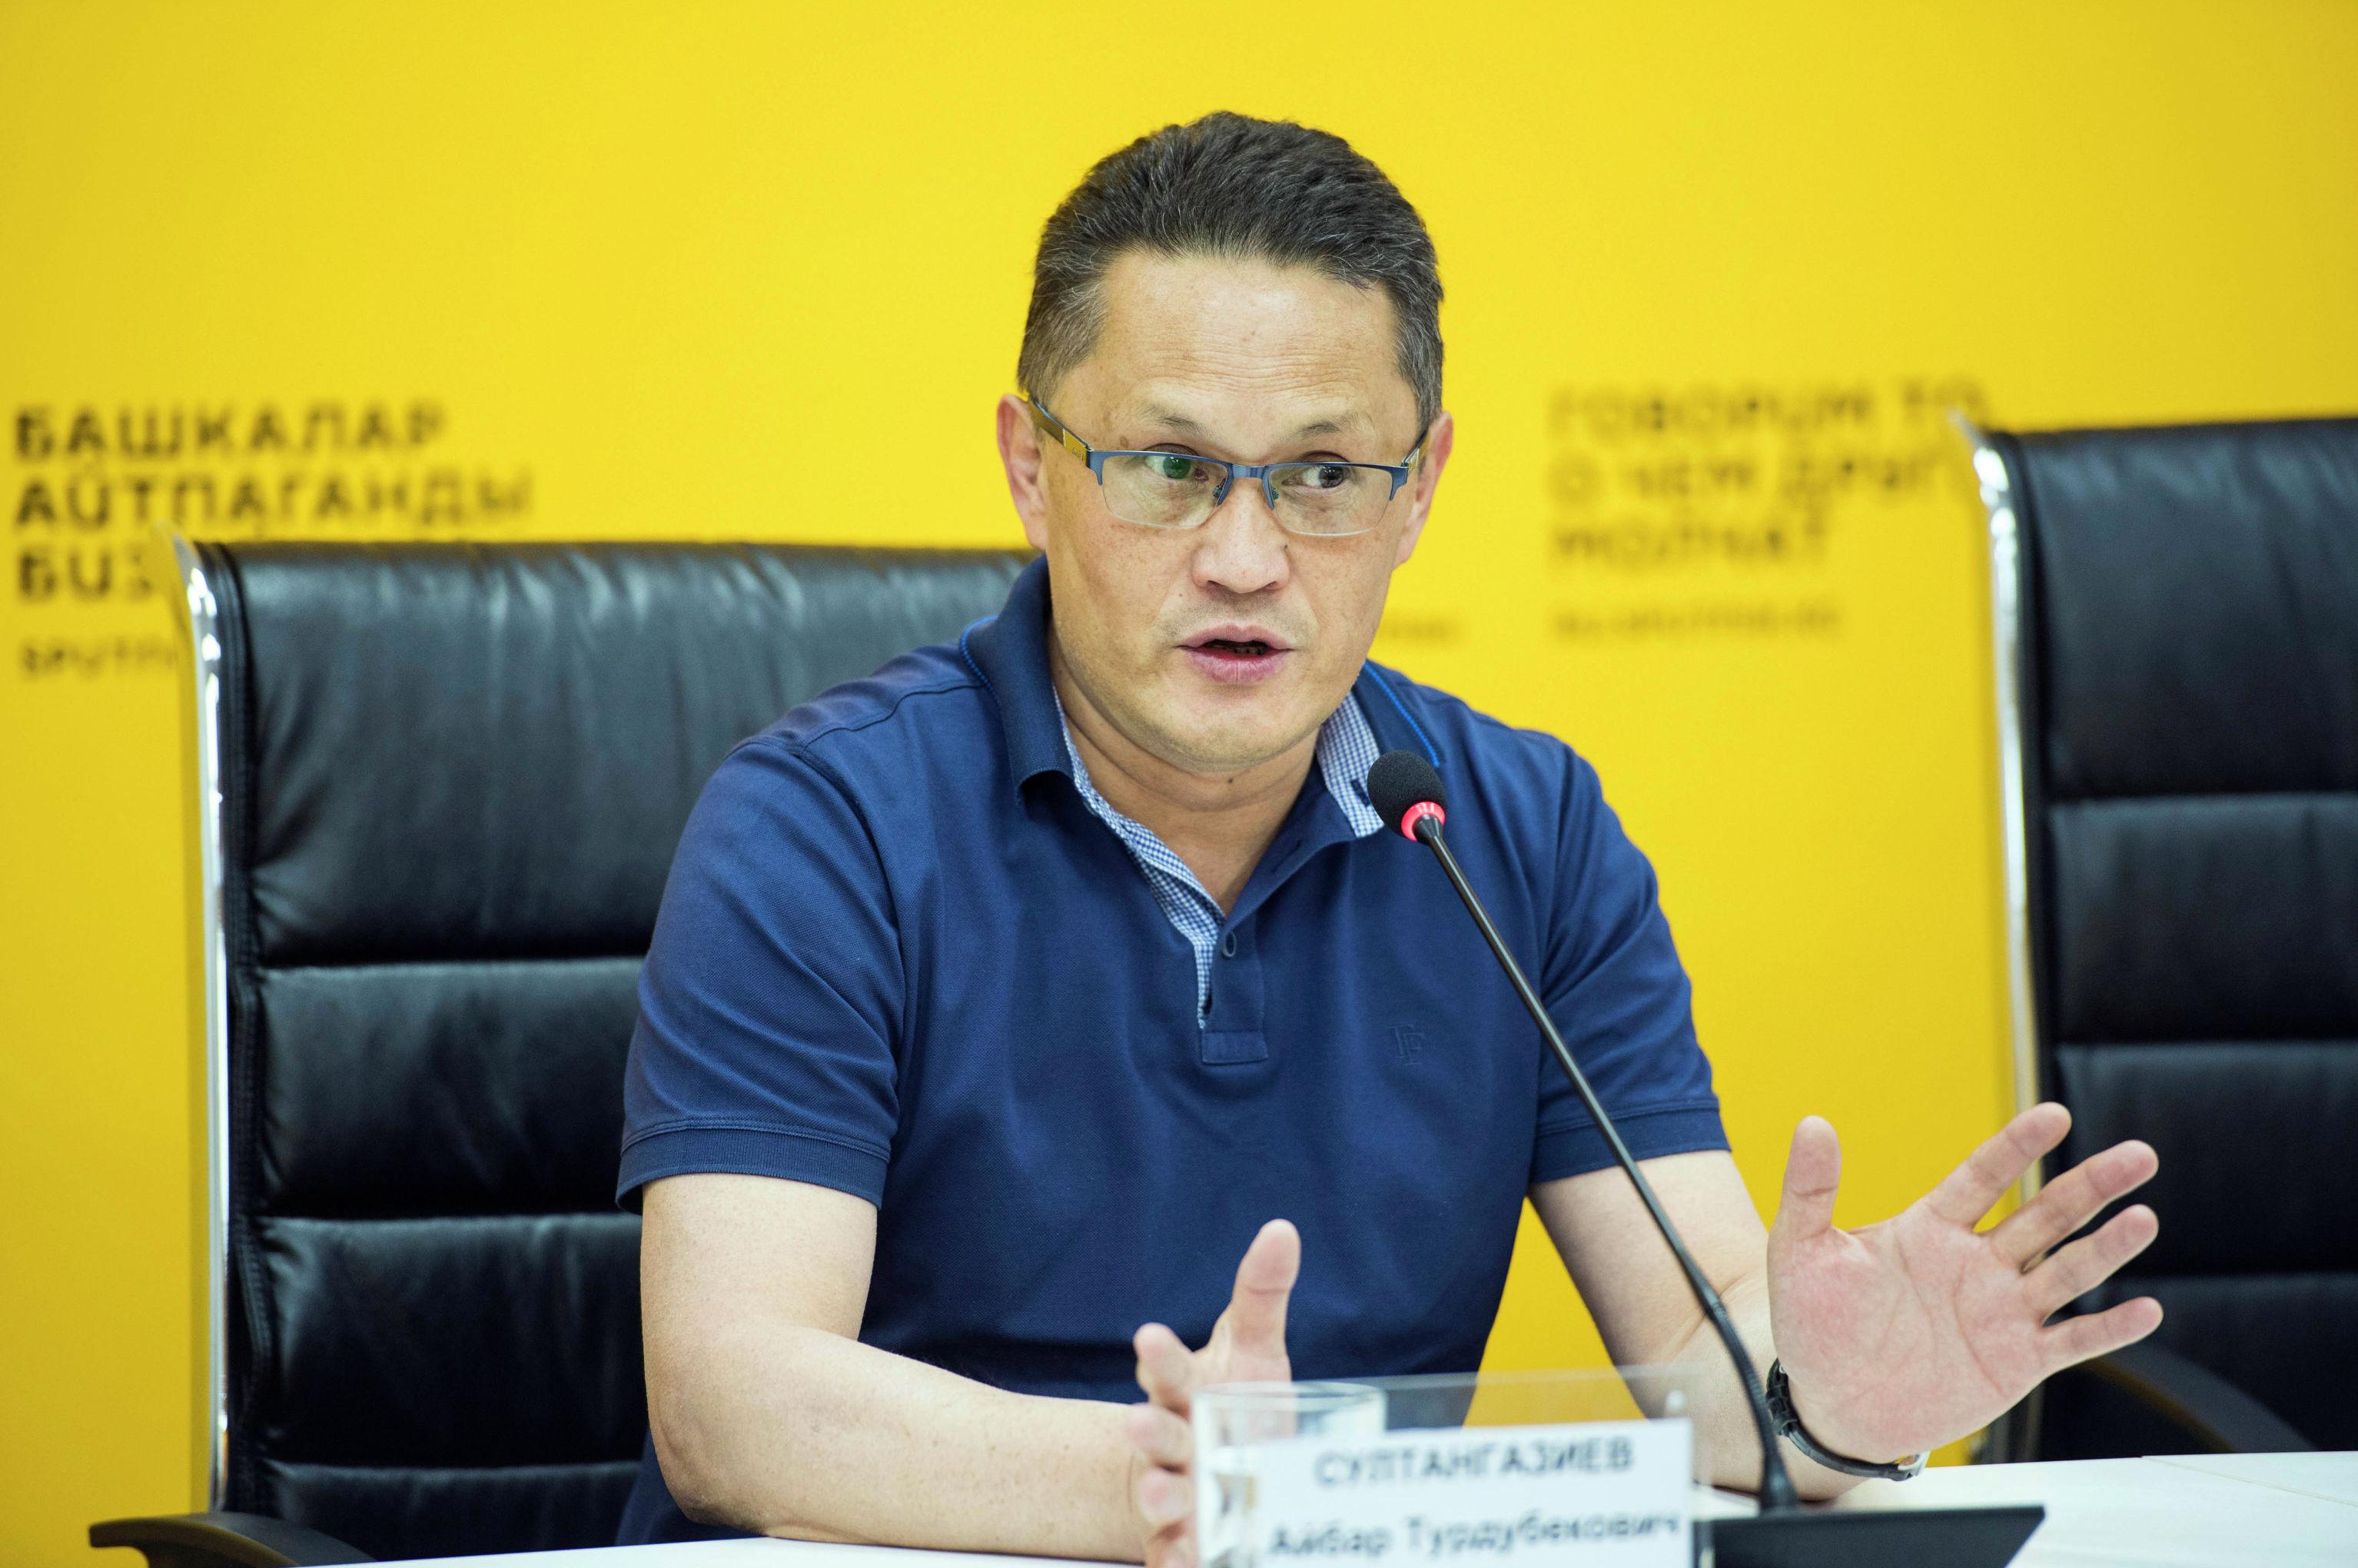 Директор ассоциации Партнерская сеть Айбар Султангазиев на пресс-конференции в мультимедийном пресс-центре Sputnik.